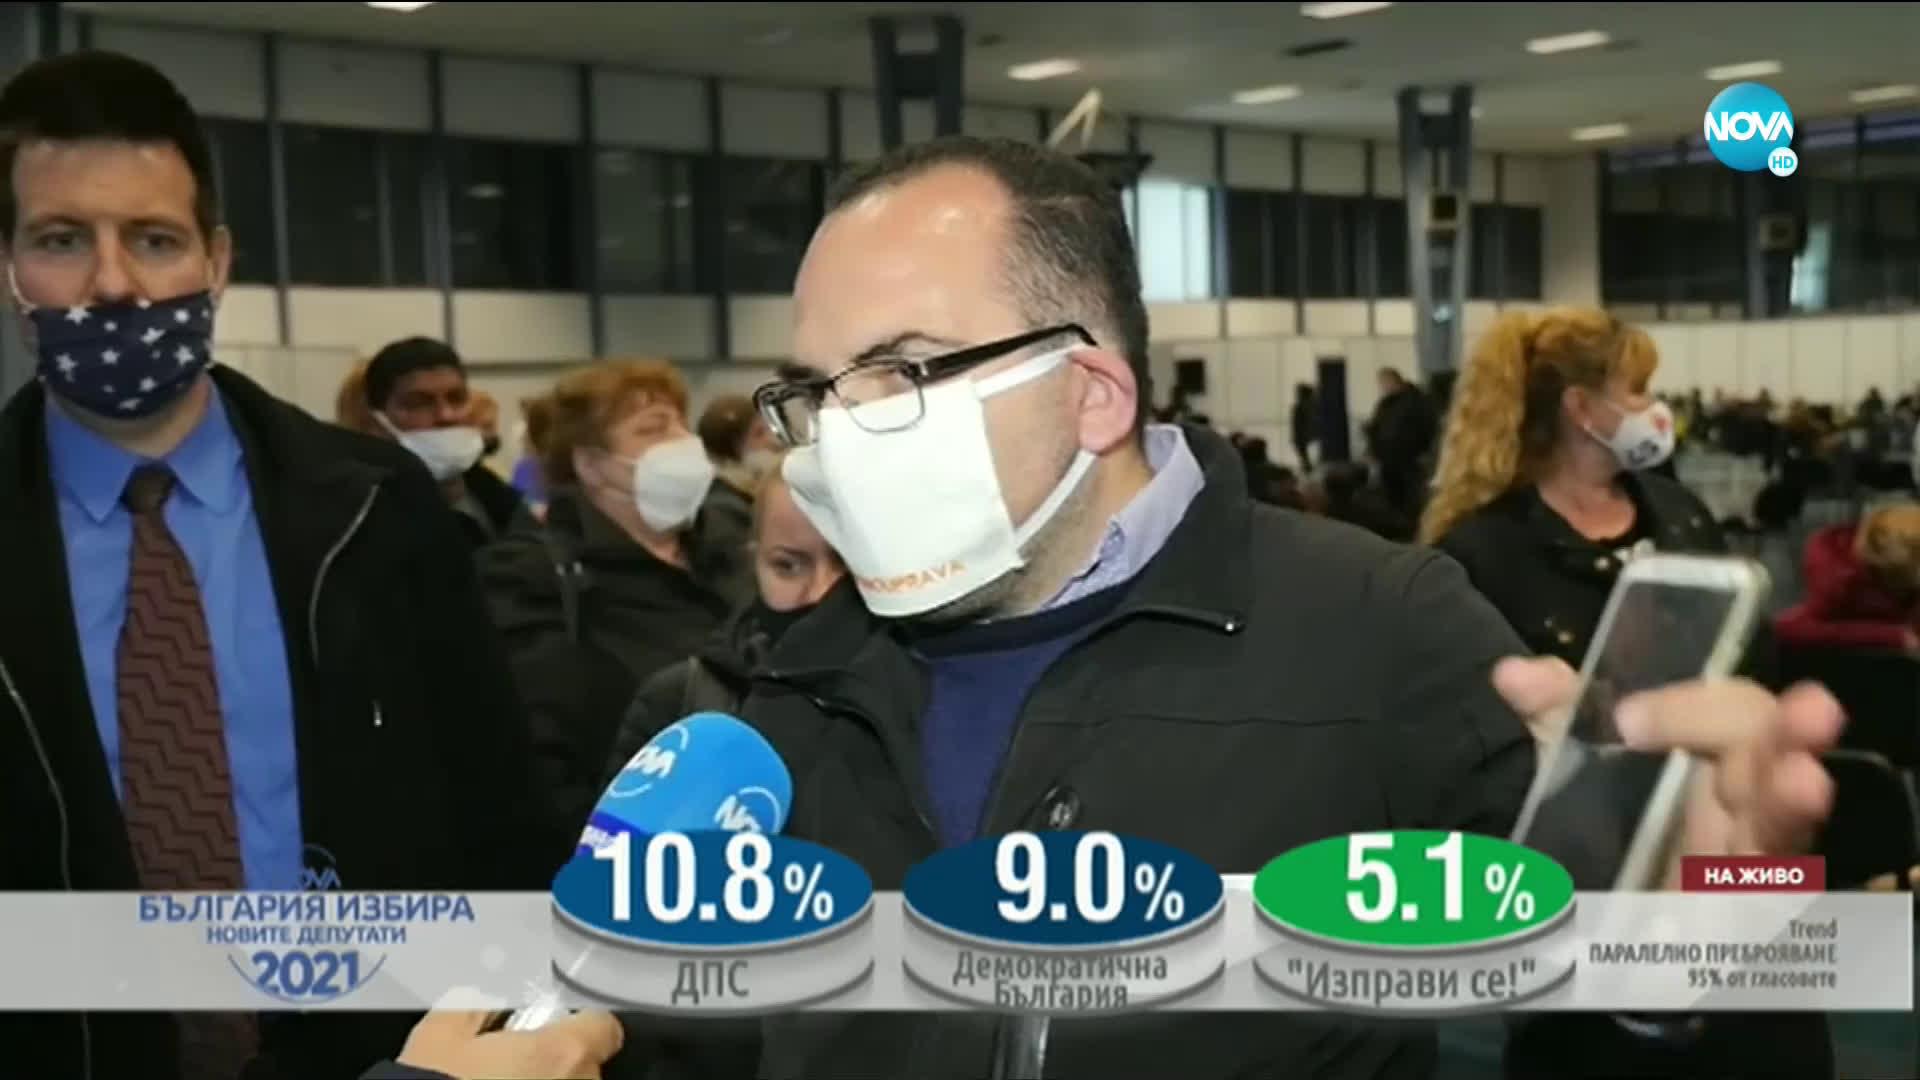 Предаването на протоколите в Пловдив: Стигна ли се до проблеми и забавяне?